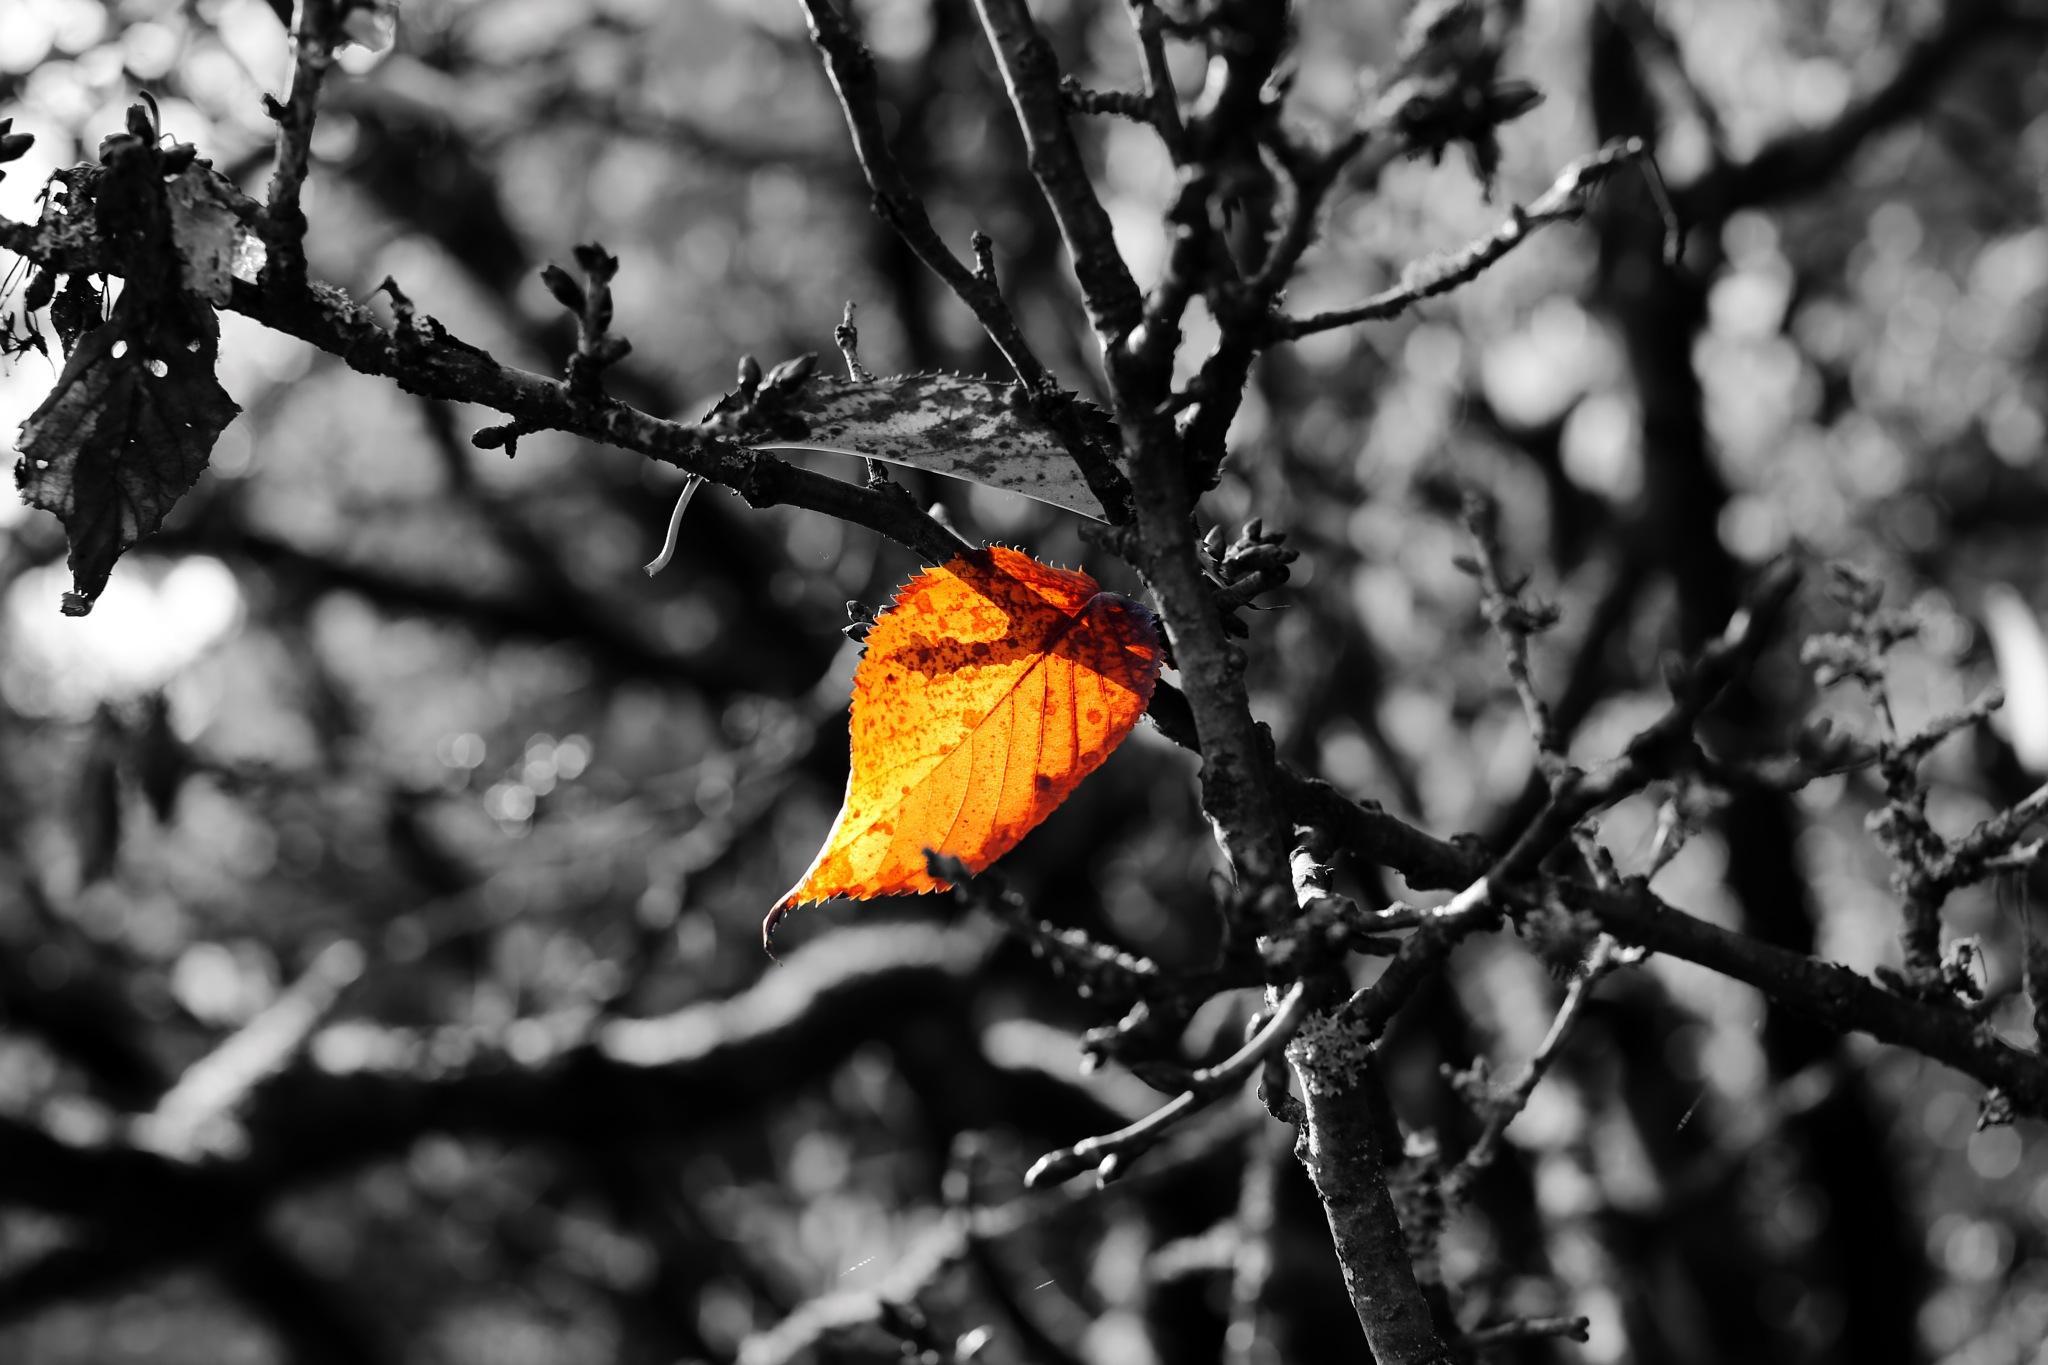 the last leaf by Jürgen Cordt